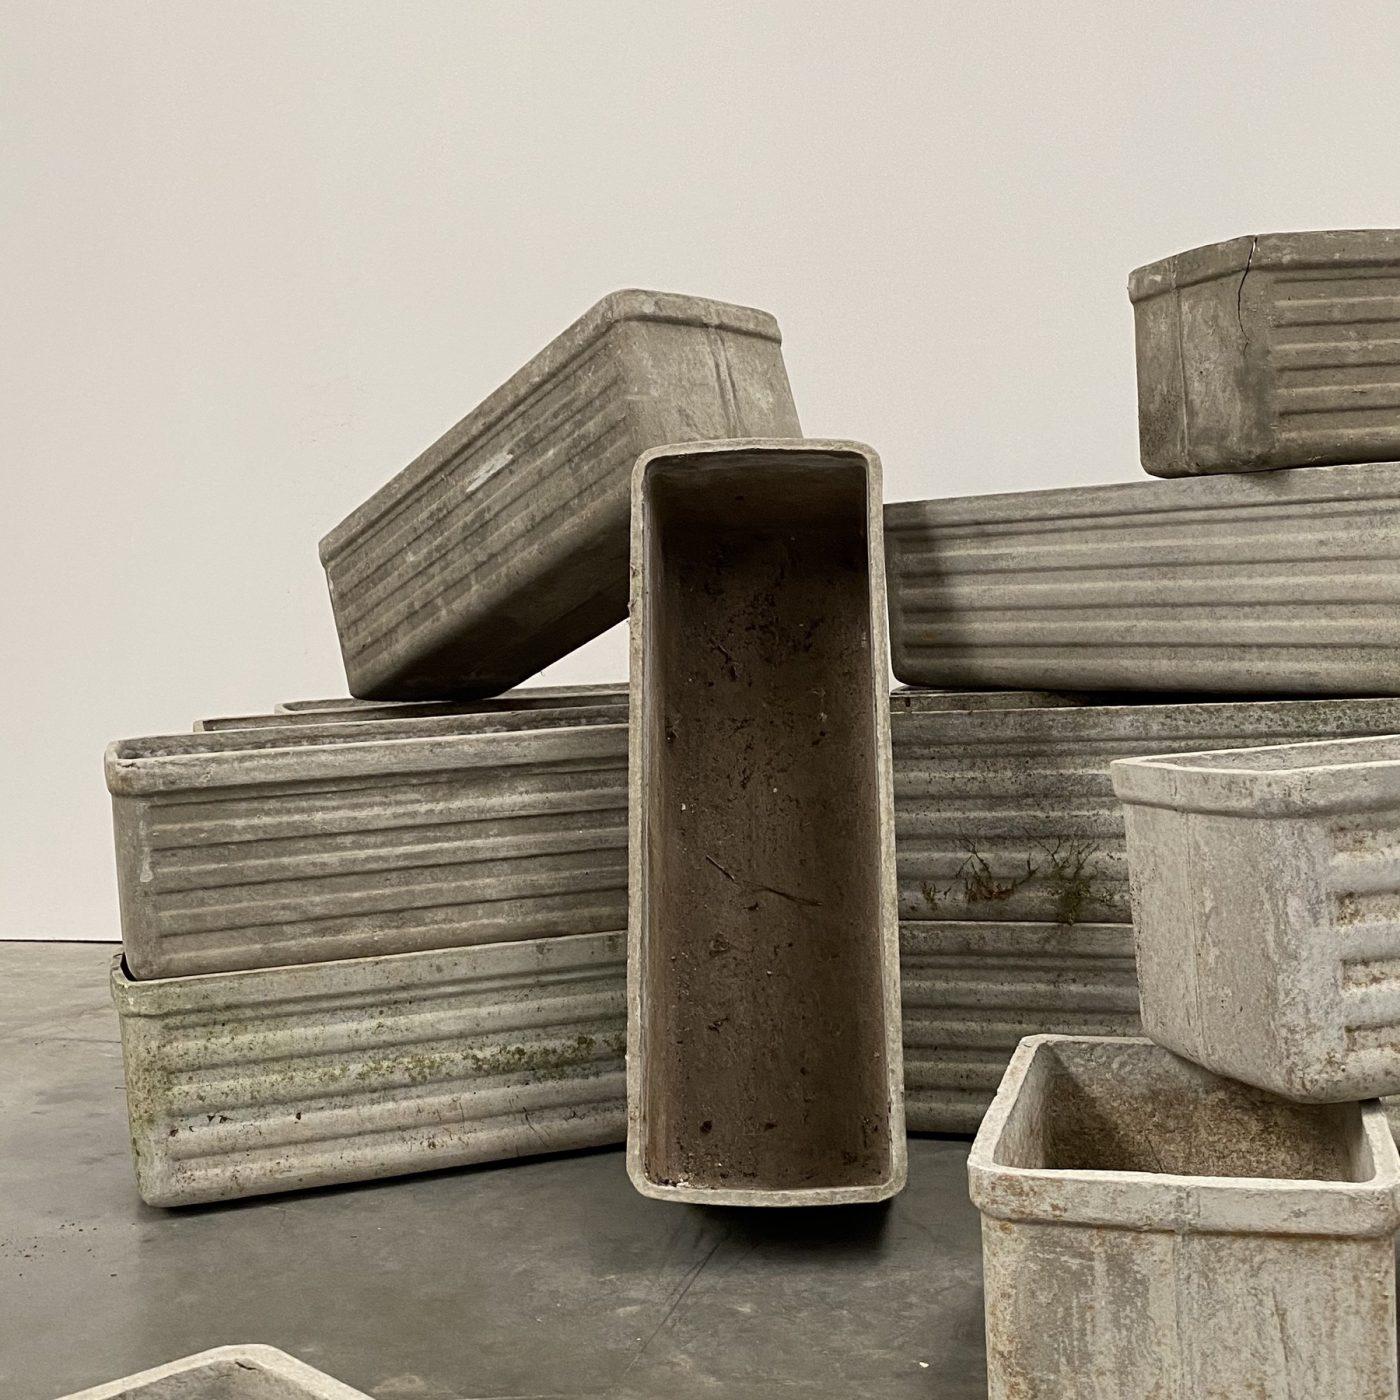 objet-vagabond-concrete-planters0003